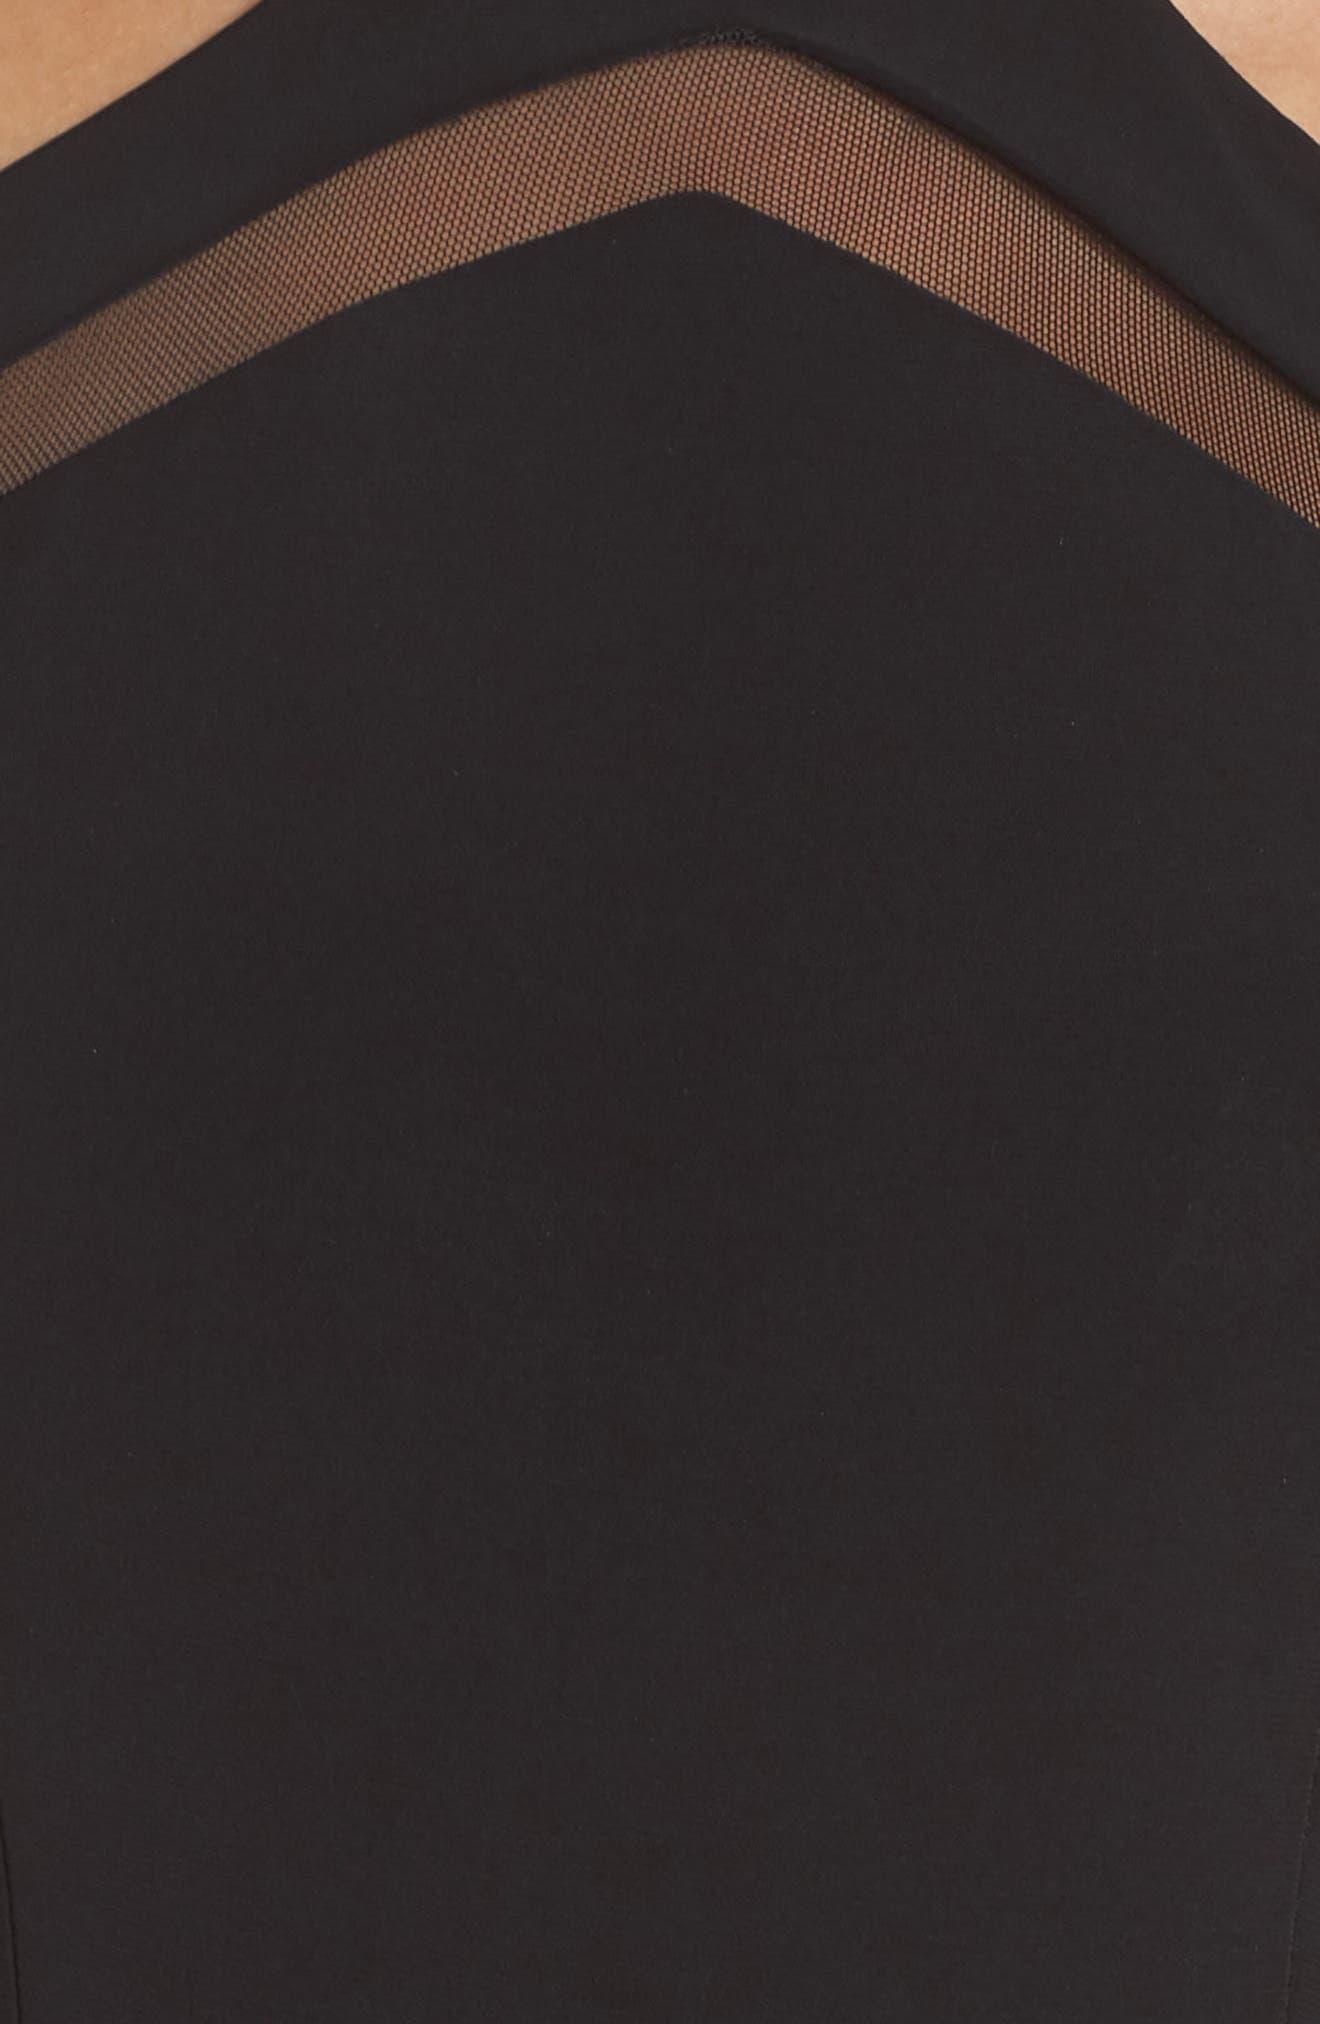 Mesh Inset Sheath Dress,                             Alternate thumbnail 6, color,                             BLACK